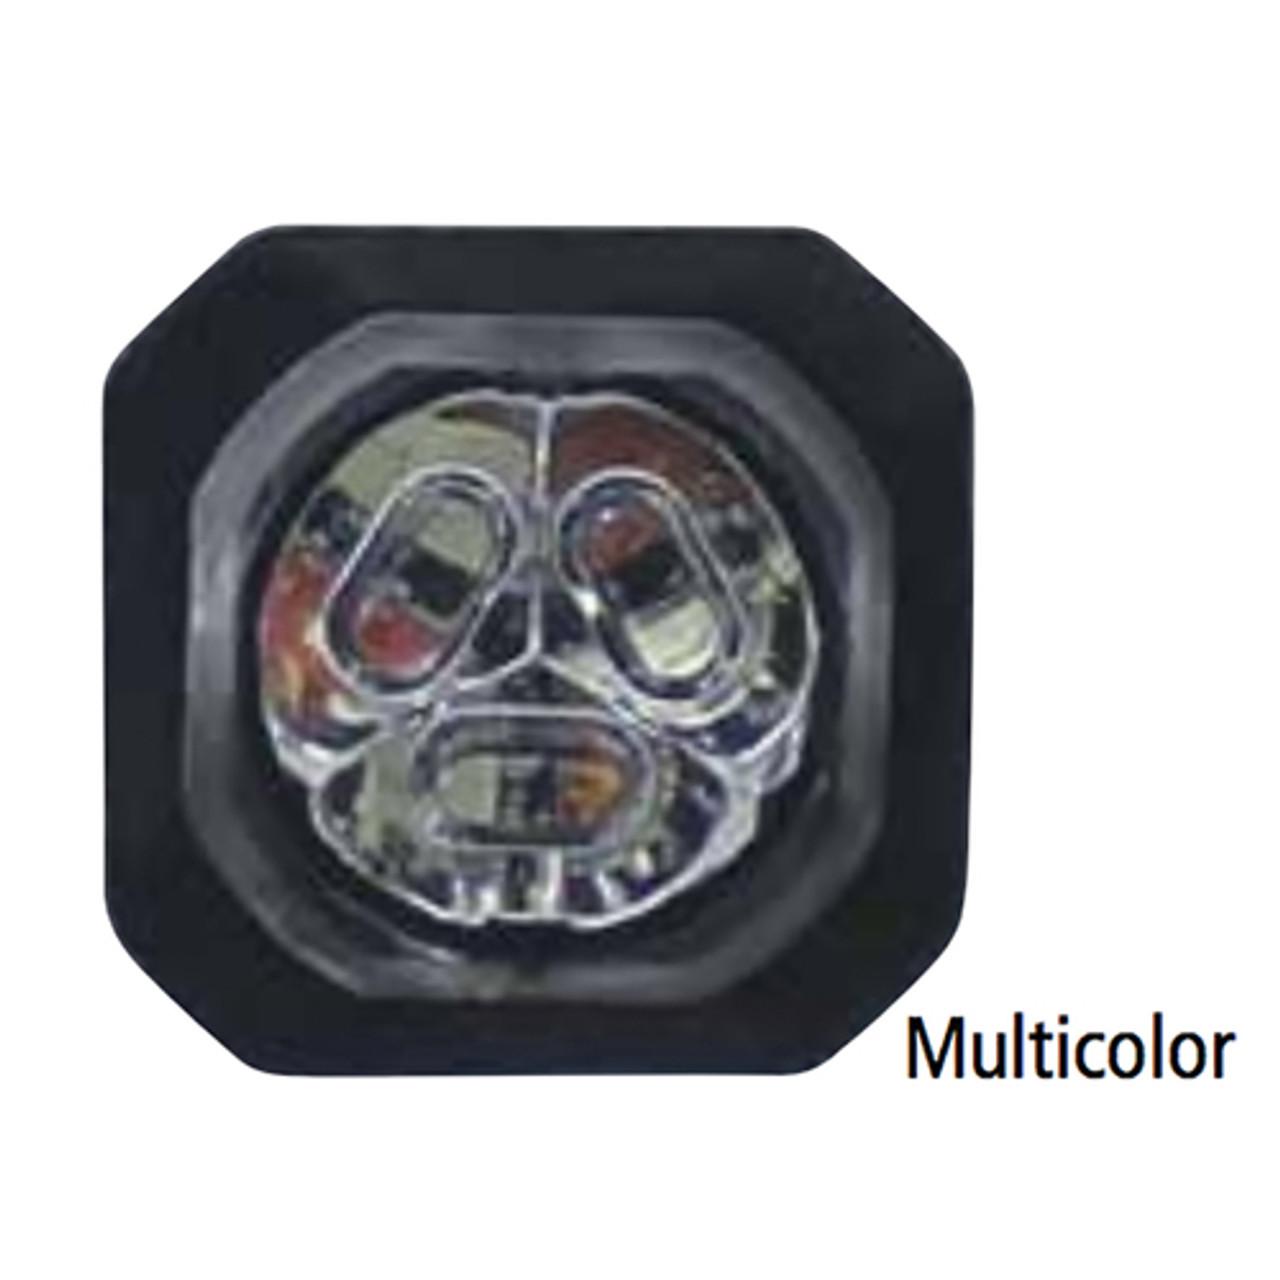 Code-3 4-Pack 6 LED Hide-A-Blast Hide Away Corner Light Head, Pair, Multicolor